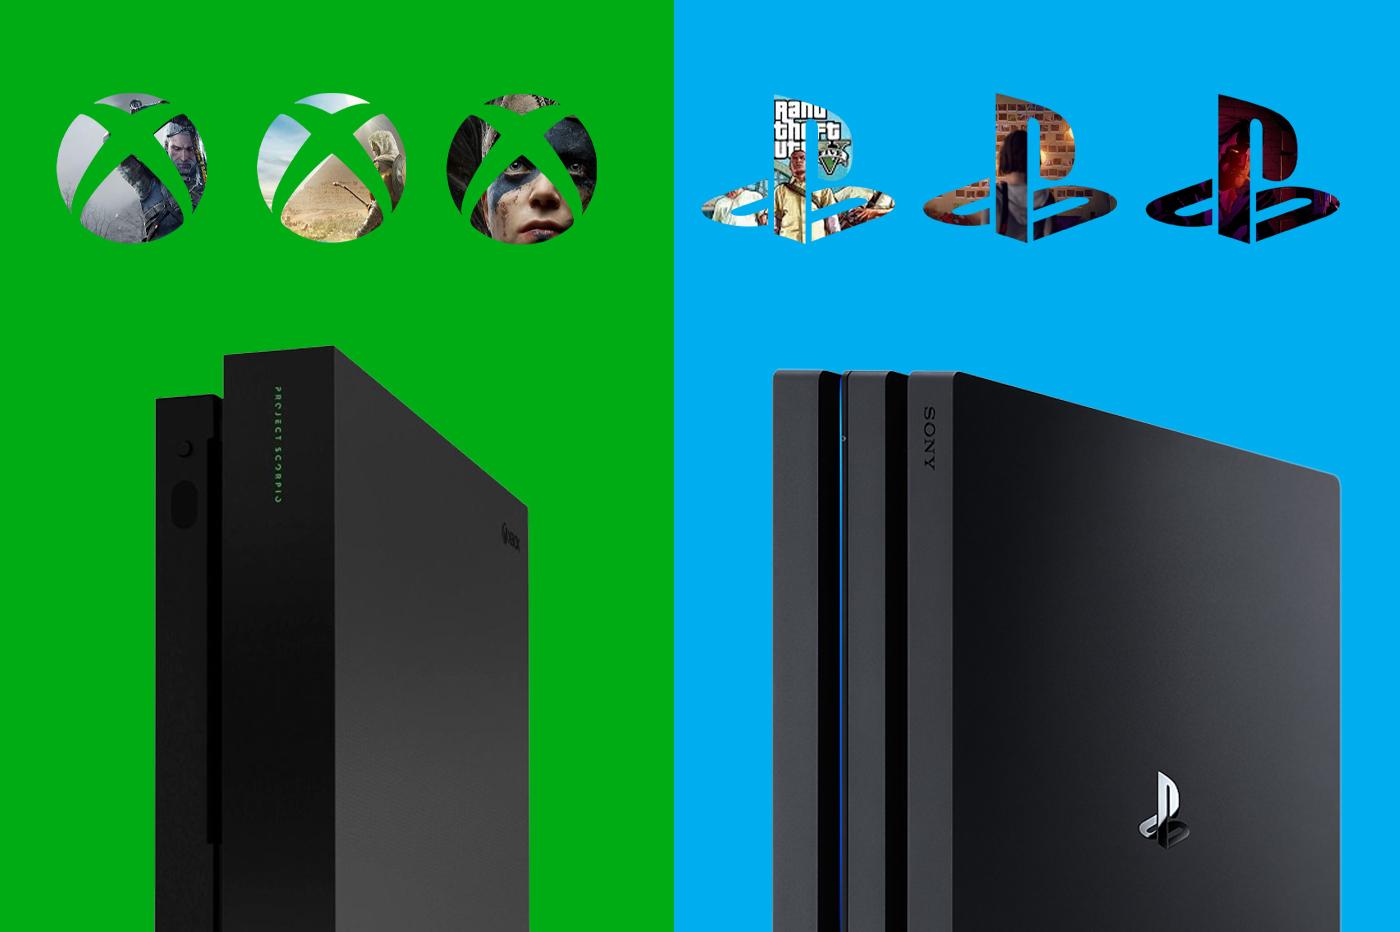 Les meilleurs jeux de la génération PS4 et Xbox One selon l'équipe de Presse-citron (2013/2020)